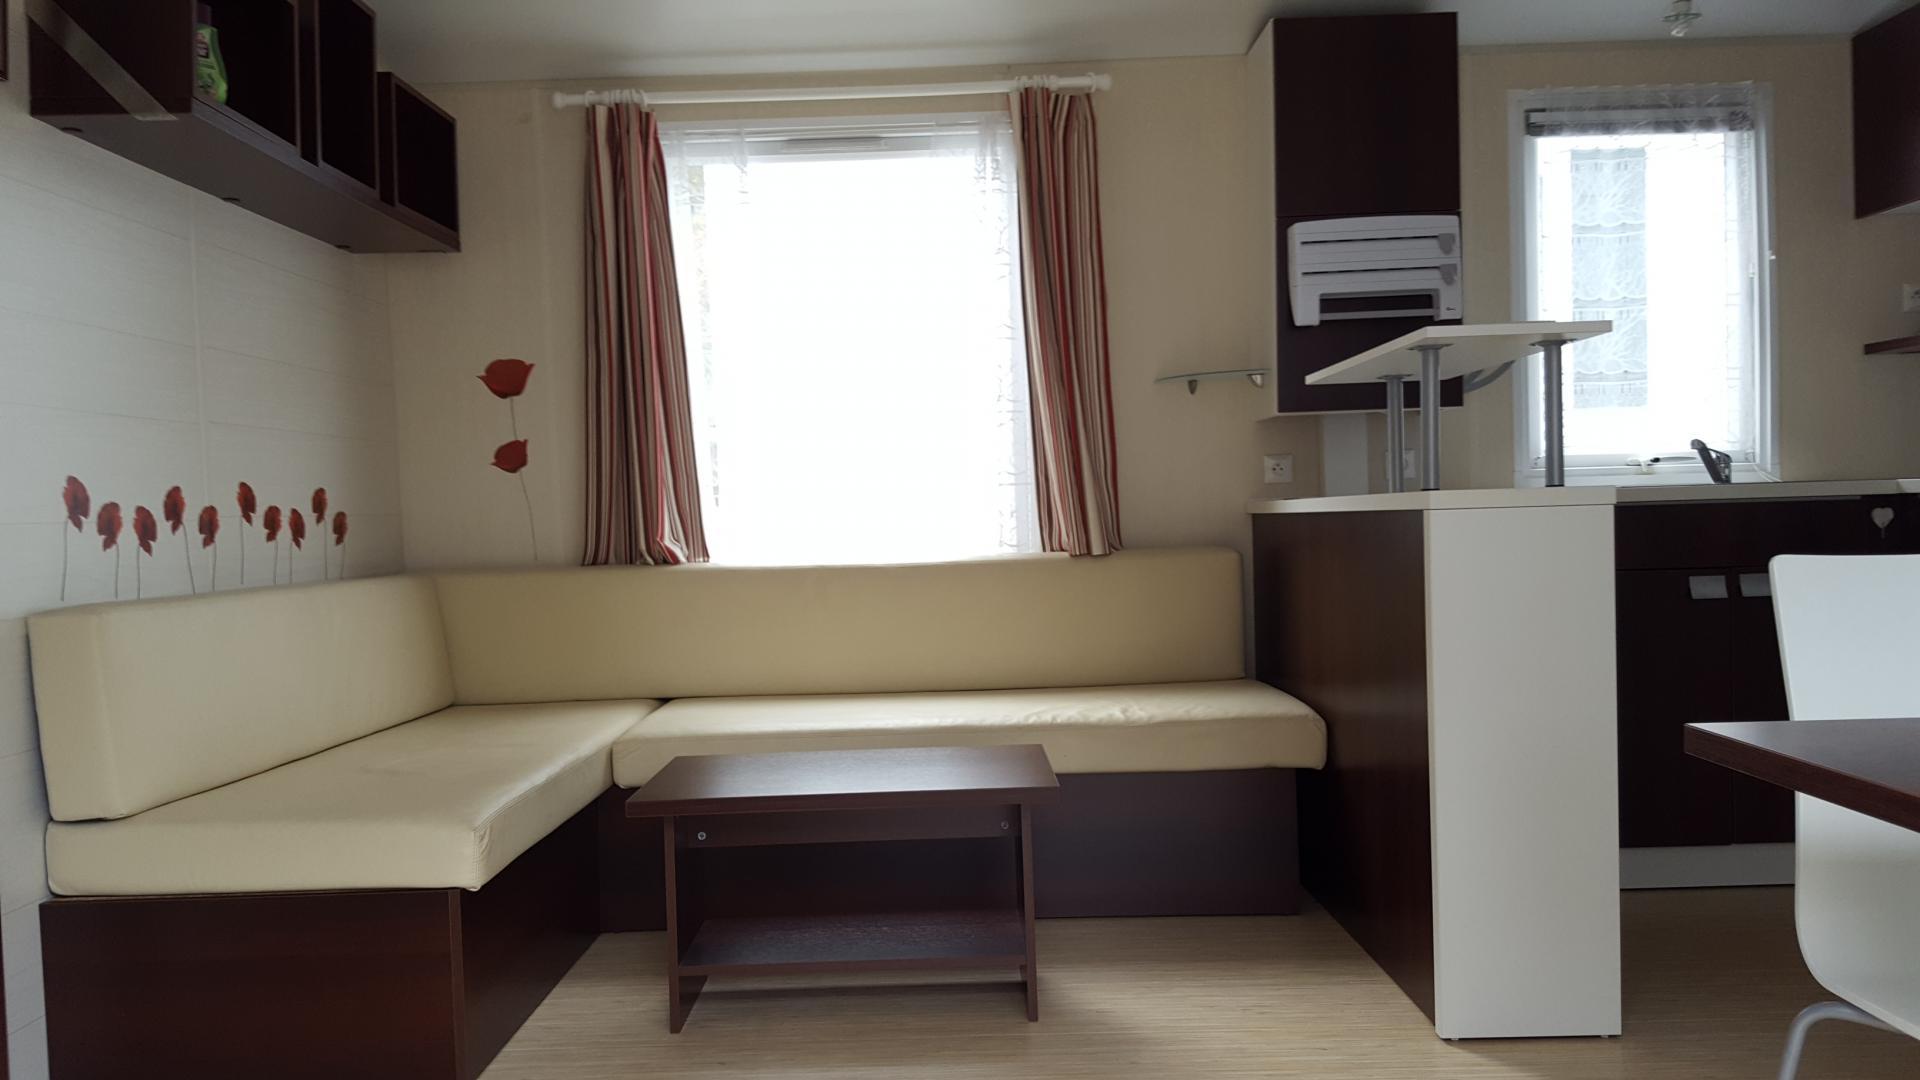 vente mobil home ohara 830. Black Bedroom Furniture Sets. Home Design Ideas